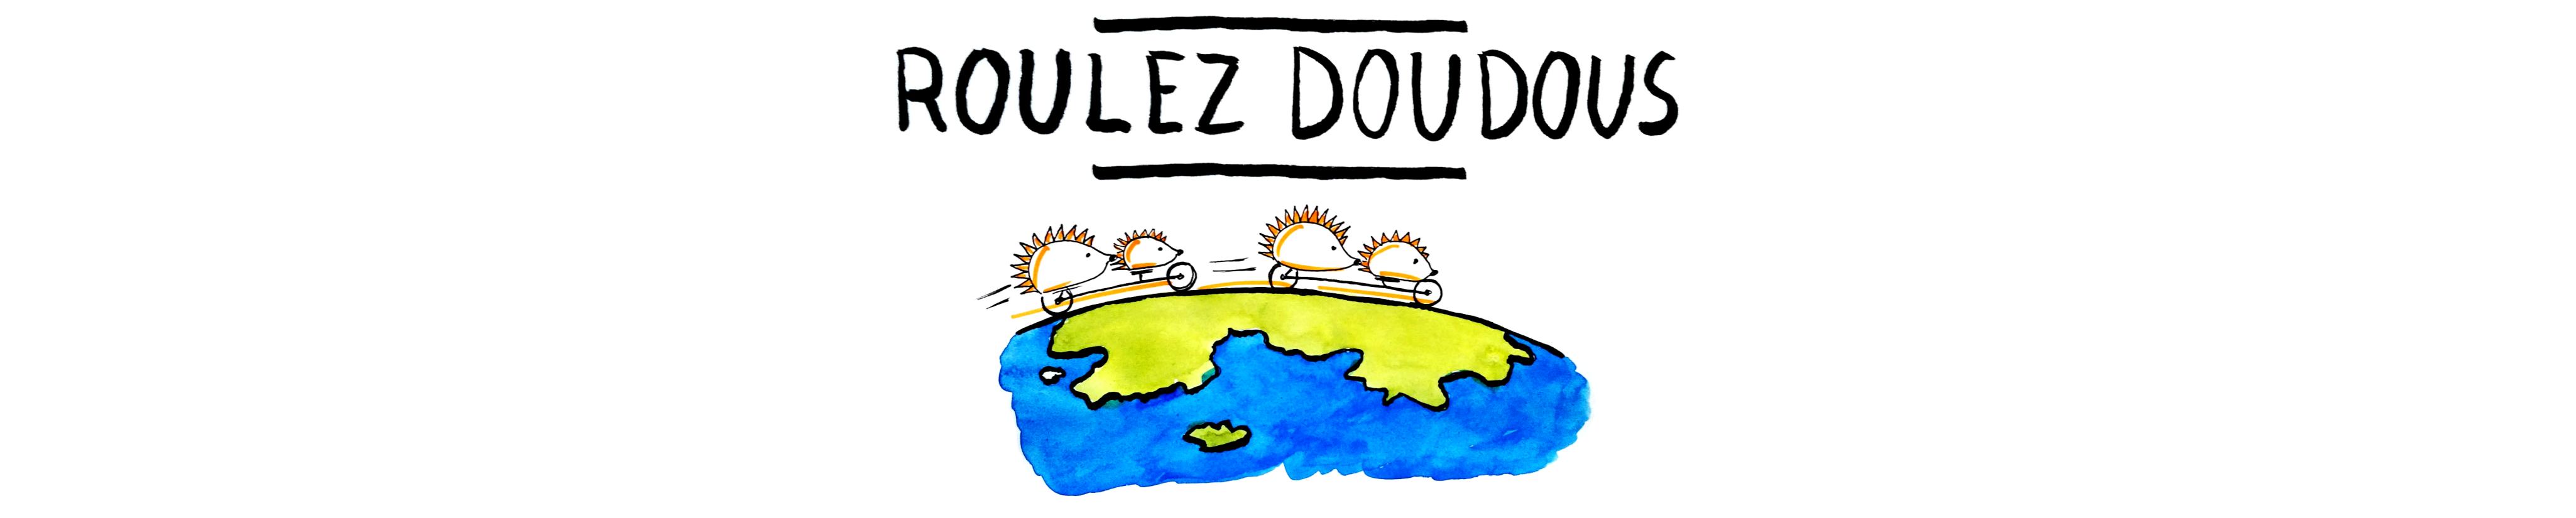 Roulez Doudous